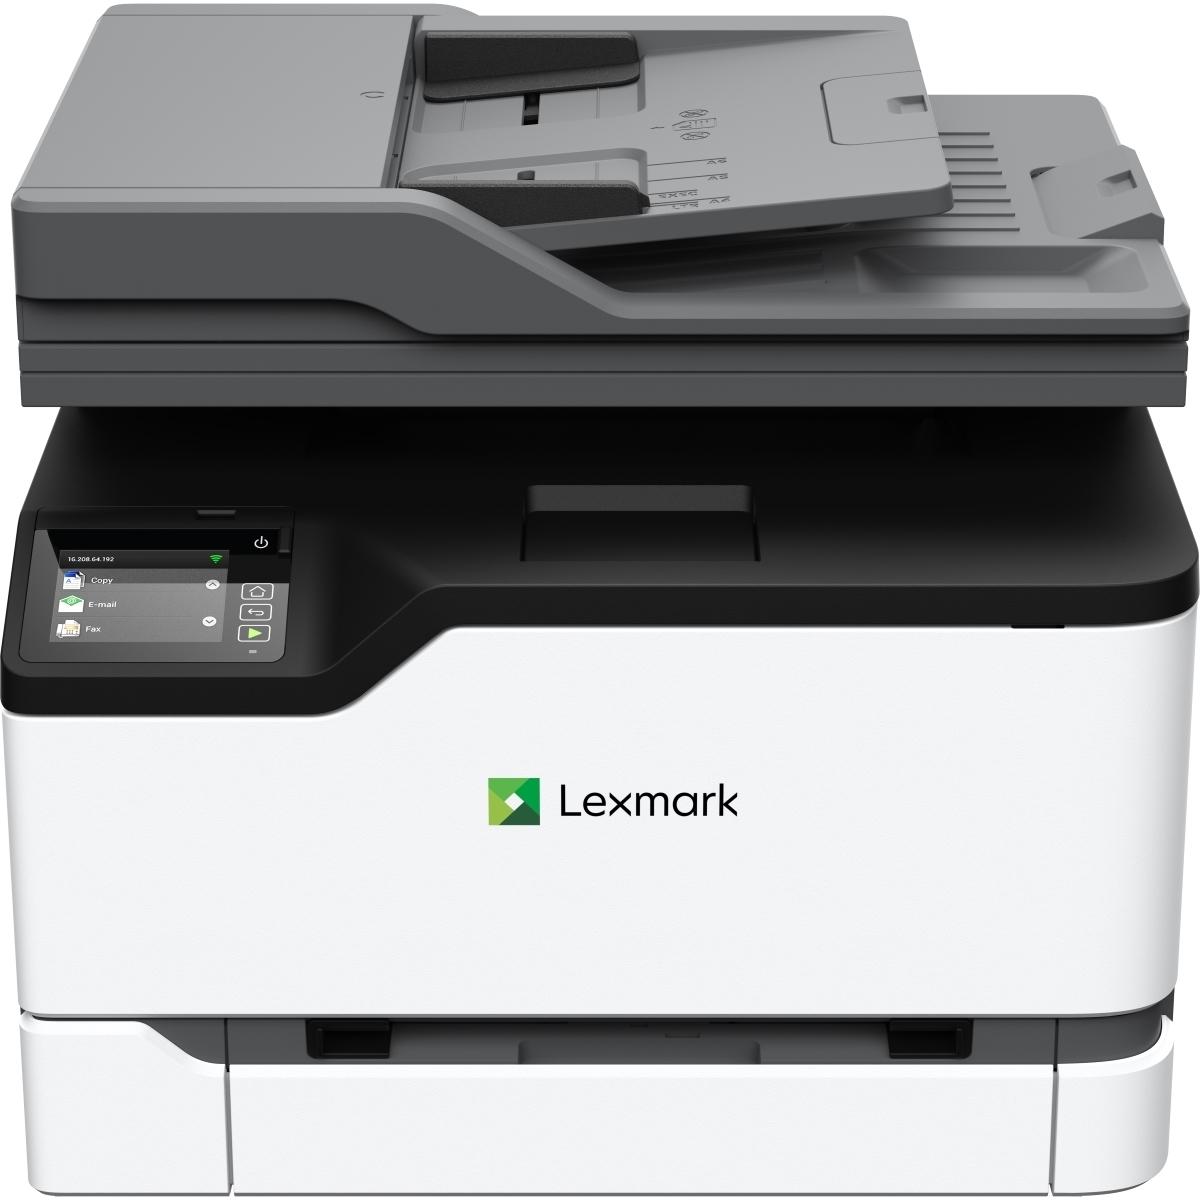 Lexmark MC3326adwe kompakter Farblaser Multifunktionsdrucker 4 Jahre Garantie